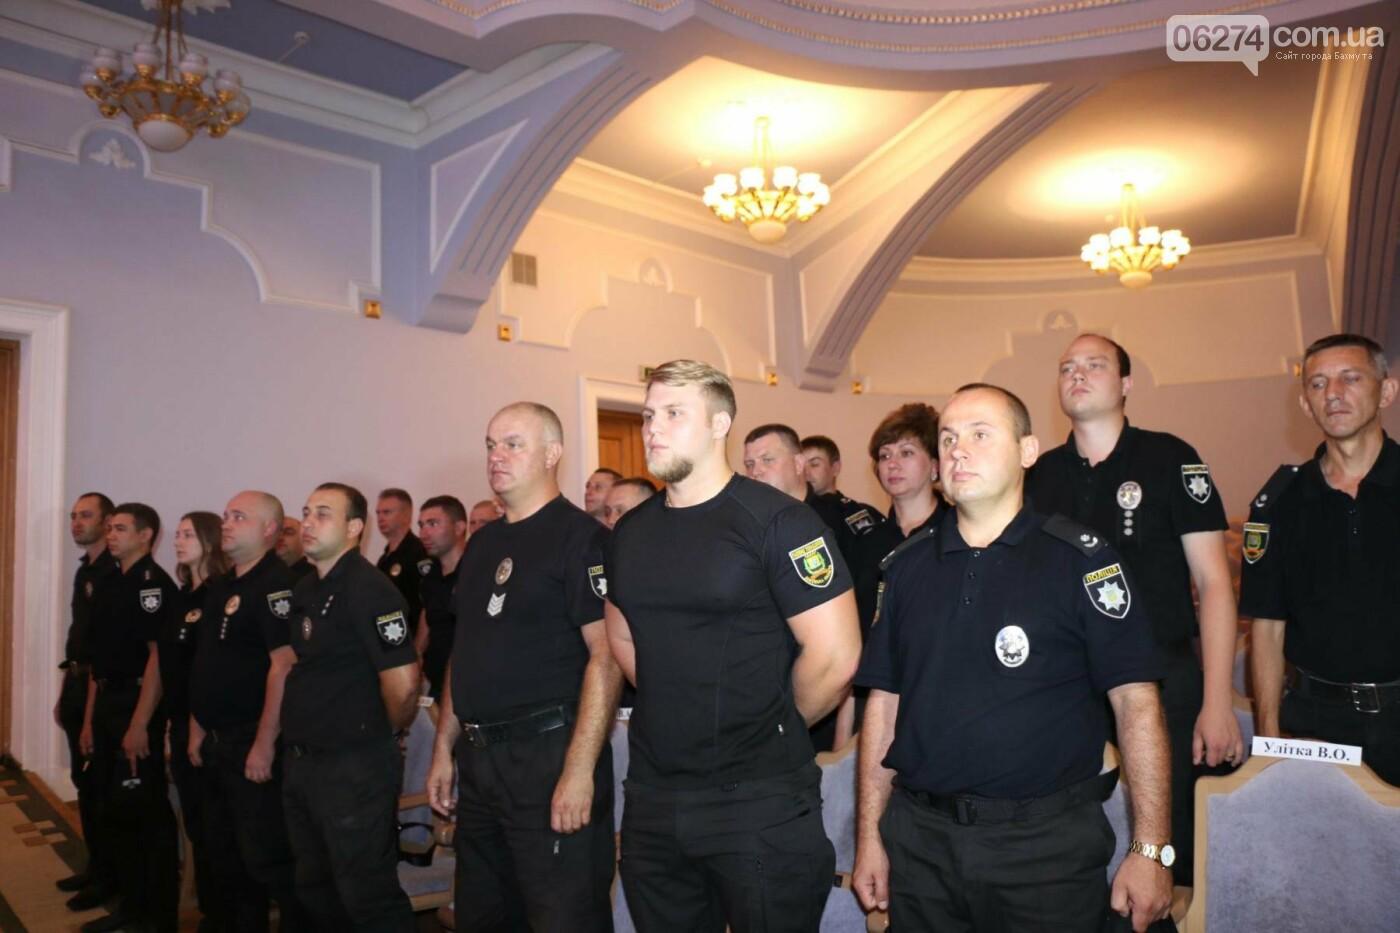 День Национальной полиции Украины отметили в Бахмуте, фото-12